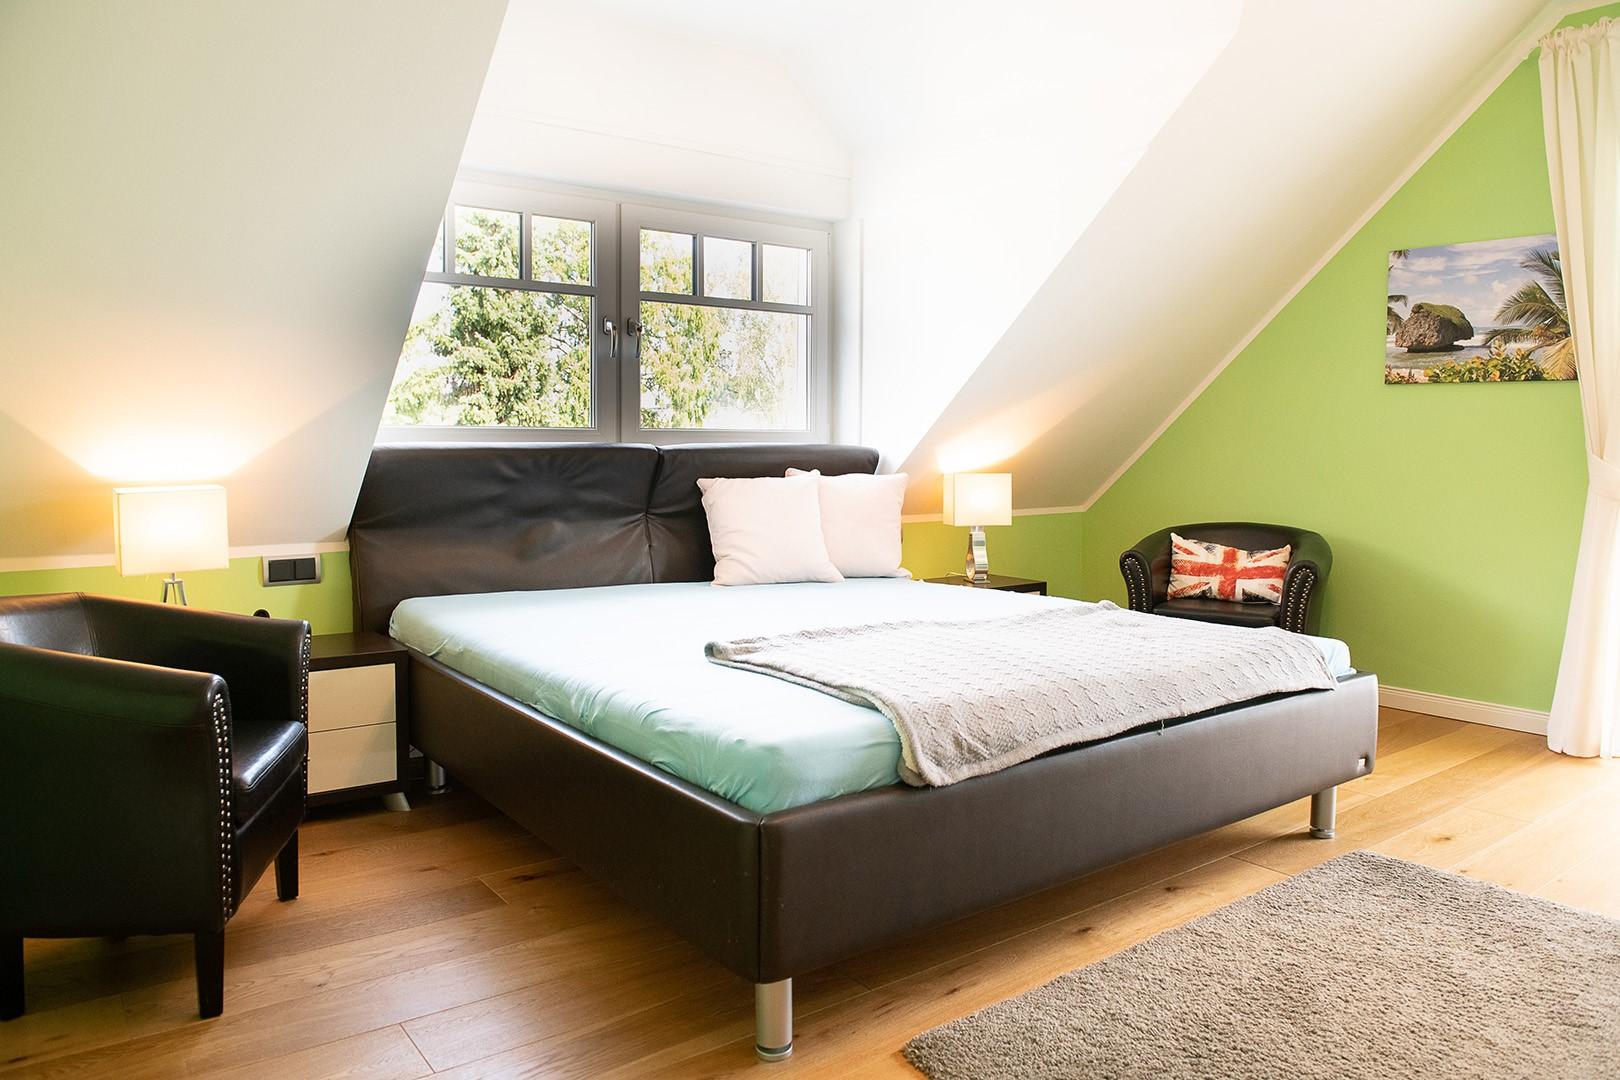 Immobilie Nr.312 - Einfamilienhaus mit Garten & Terrasse & Garage & Carport - Bild 16.jpg